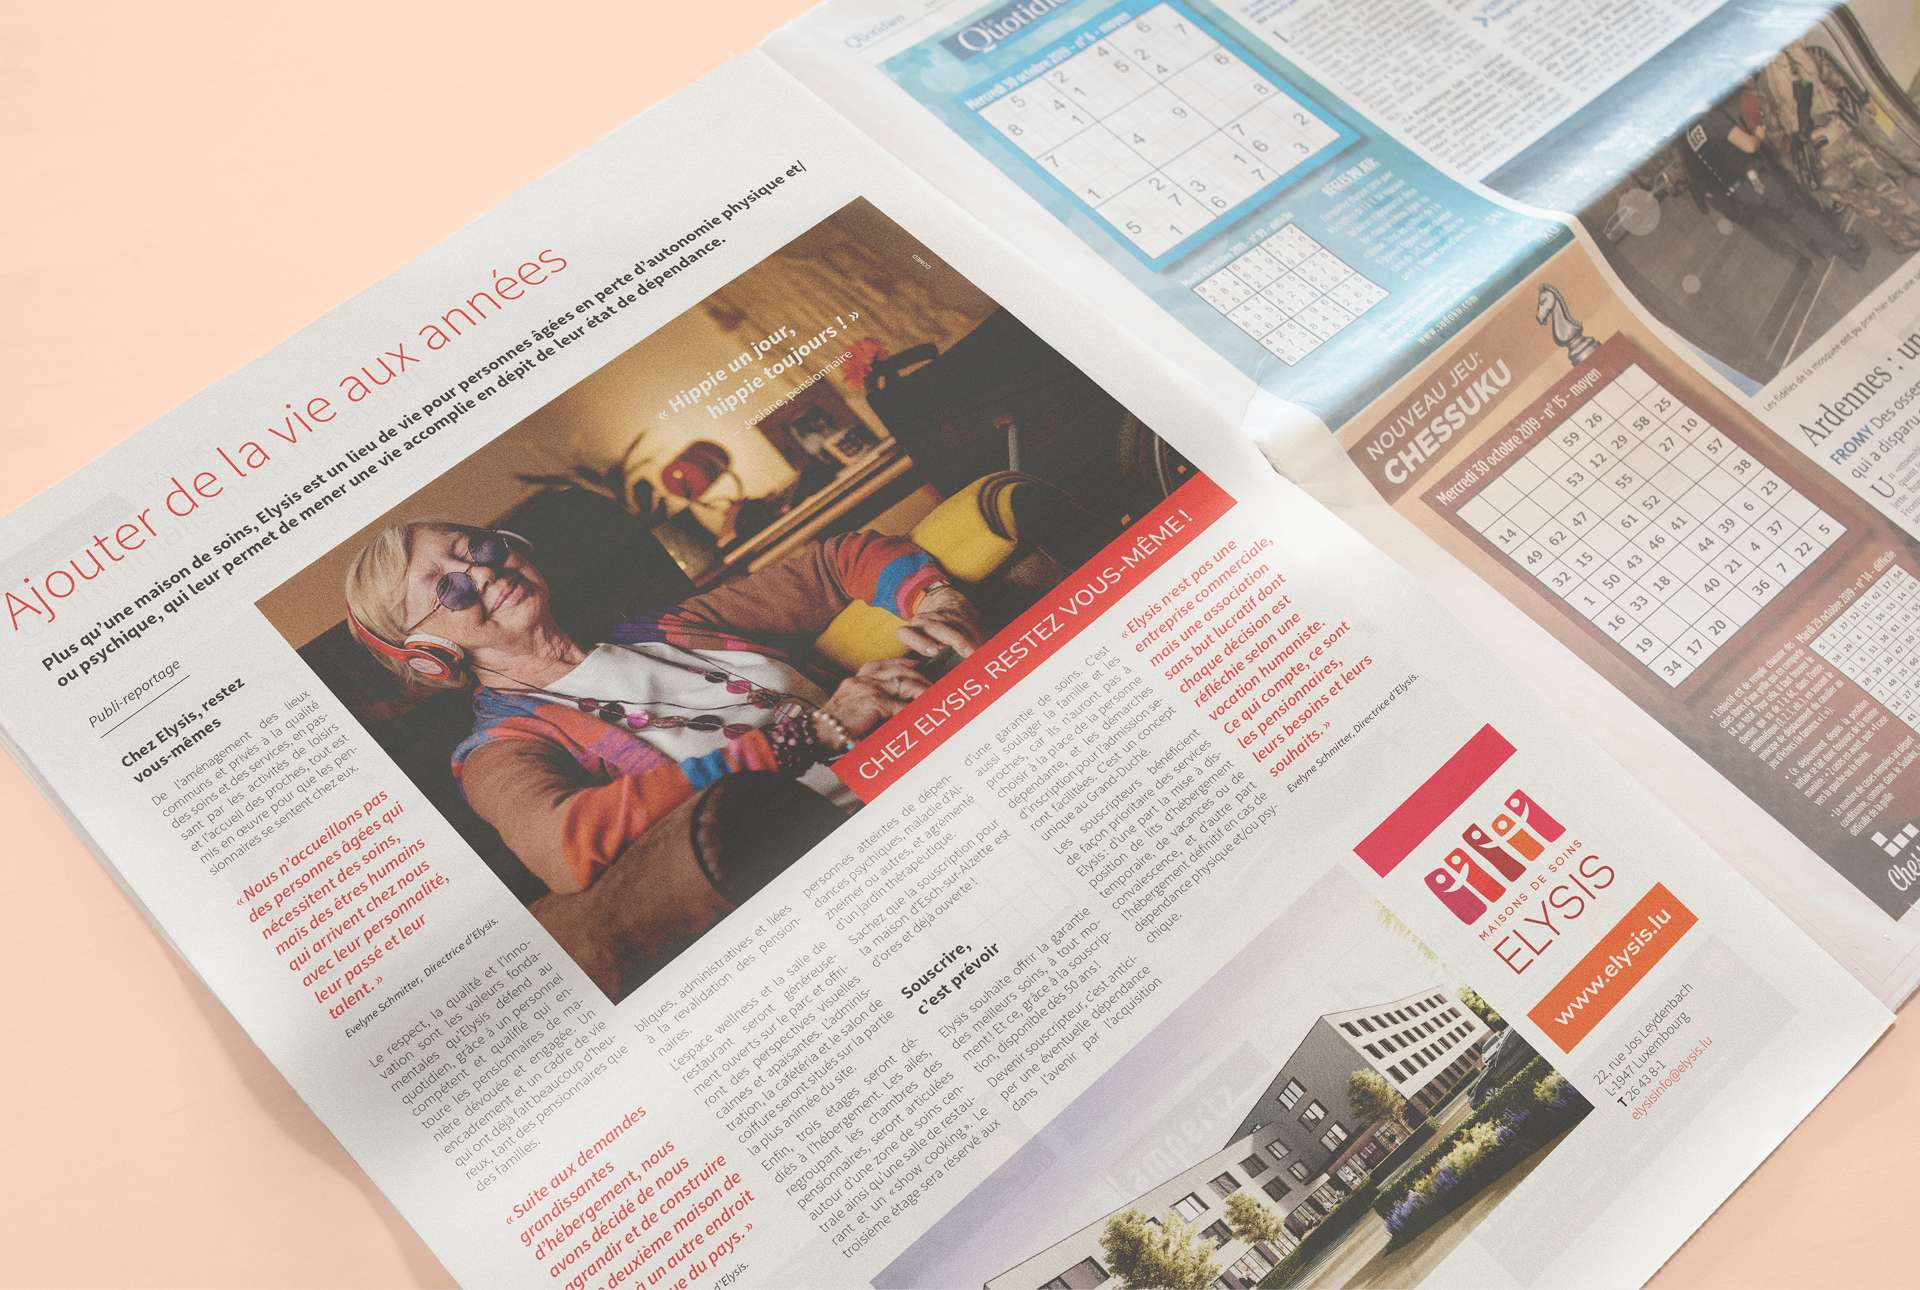 Publicité dans la presse papier au Luxembourg pour la campagne de souscription Elysis